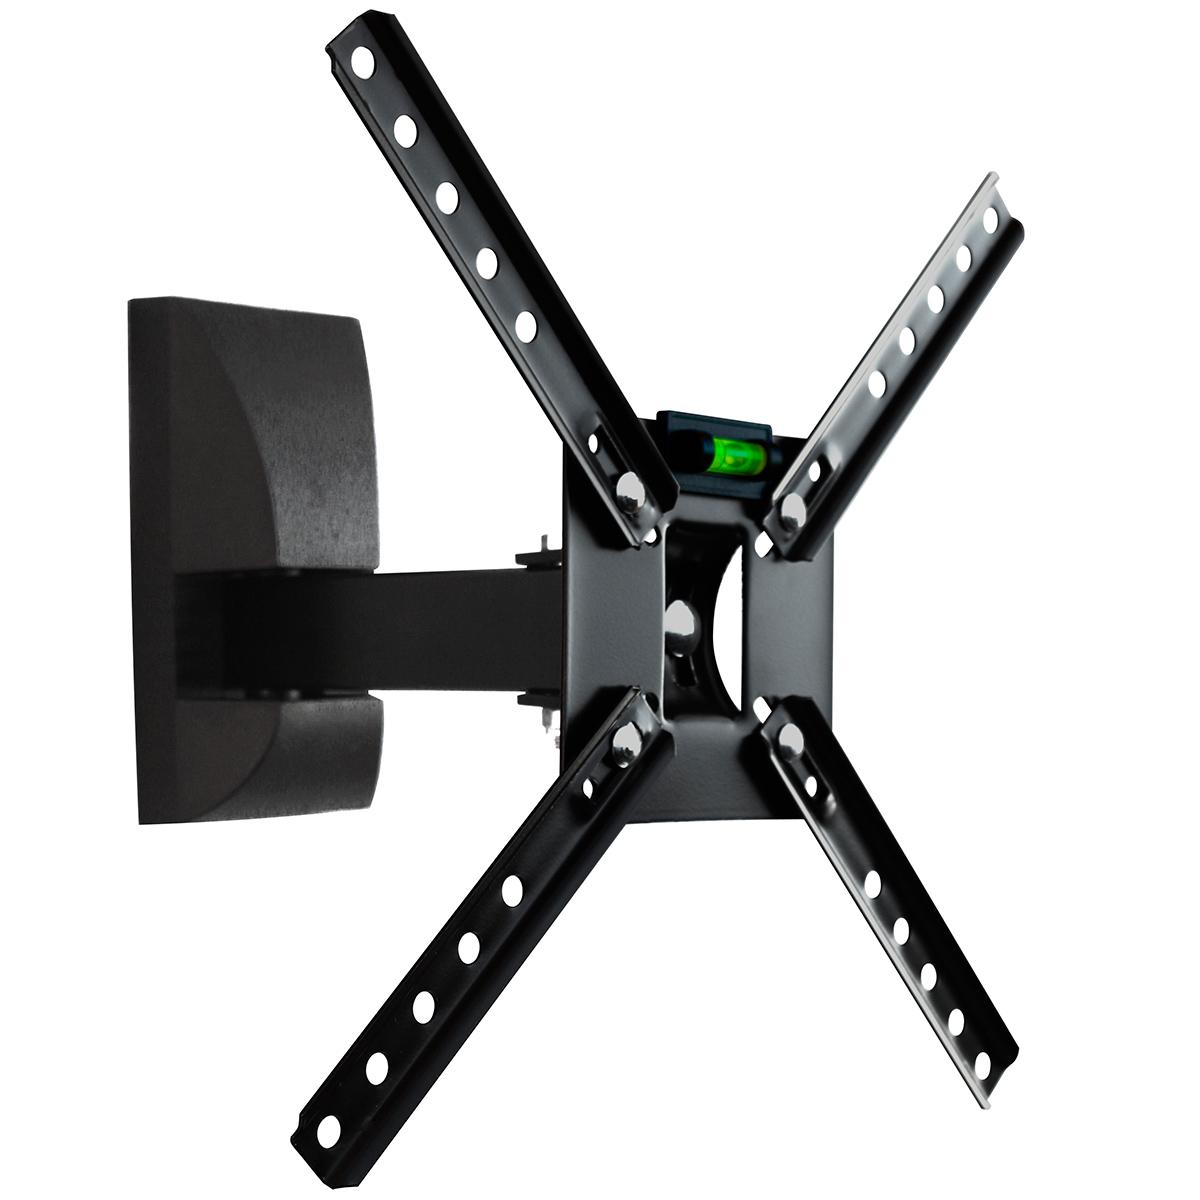 Suporte de Parede Bi-Articulado p/ TV 10 a 55 LCD / LED / Plasma / 3D - SBRP 130 Brasforma